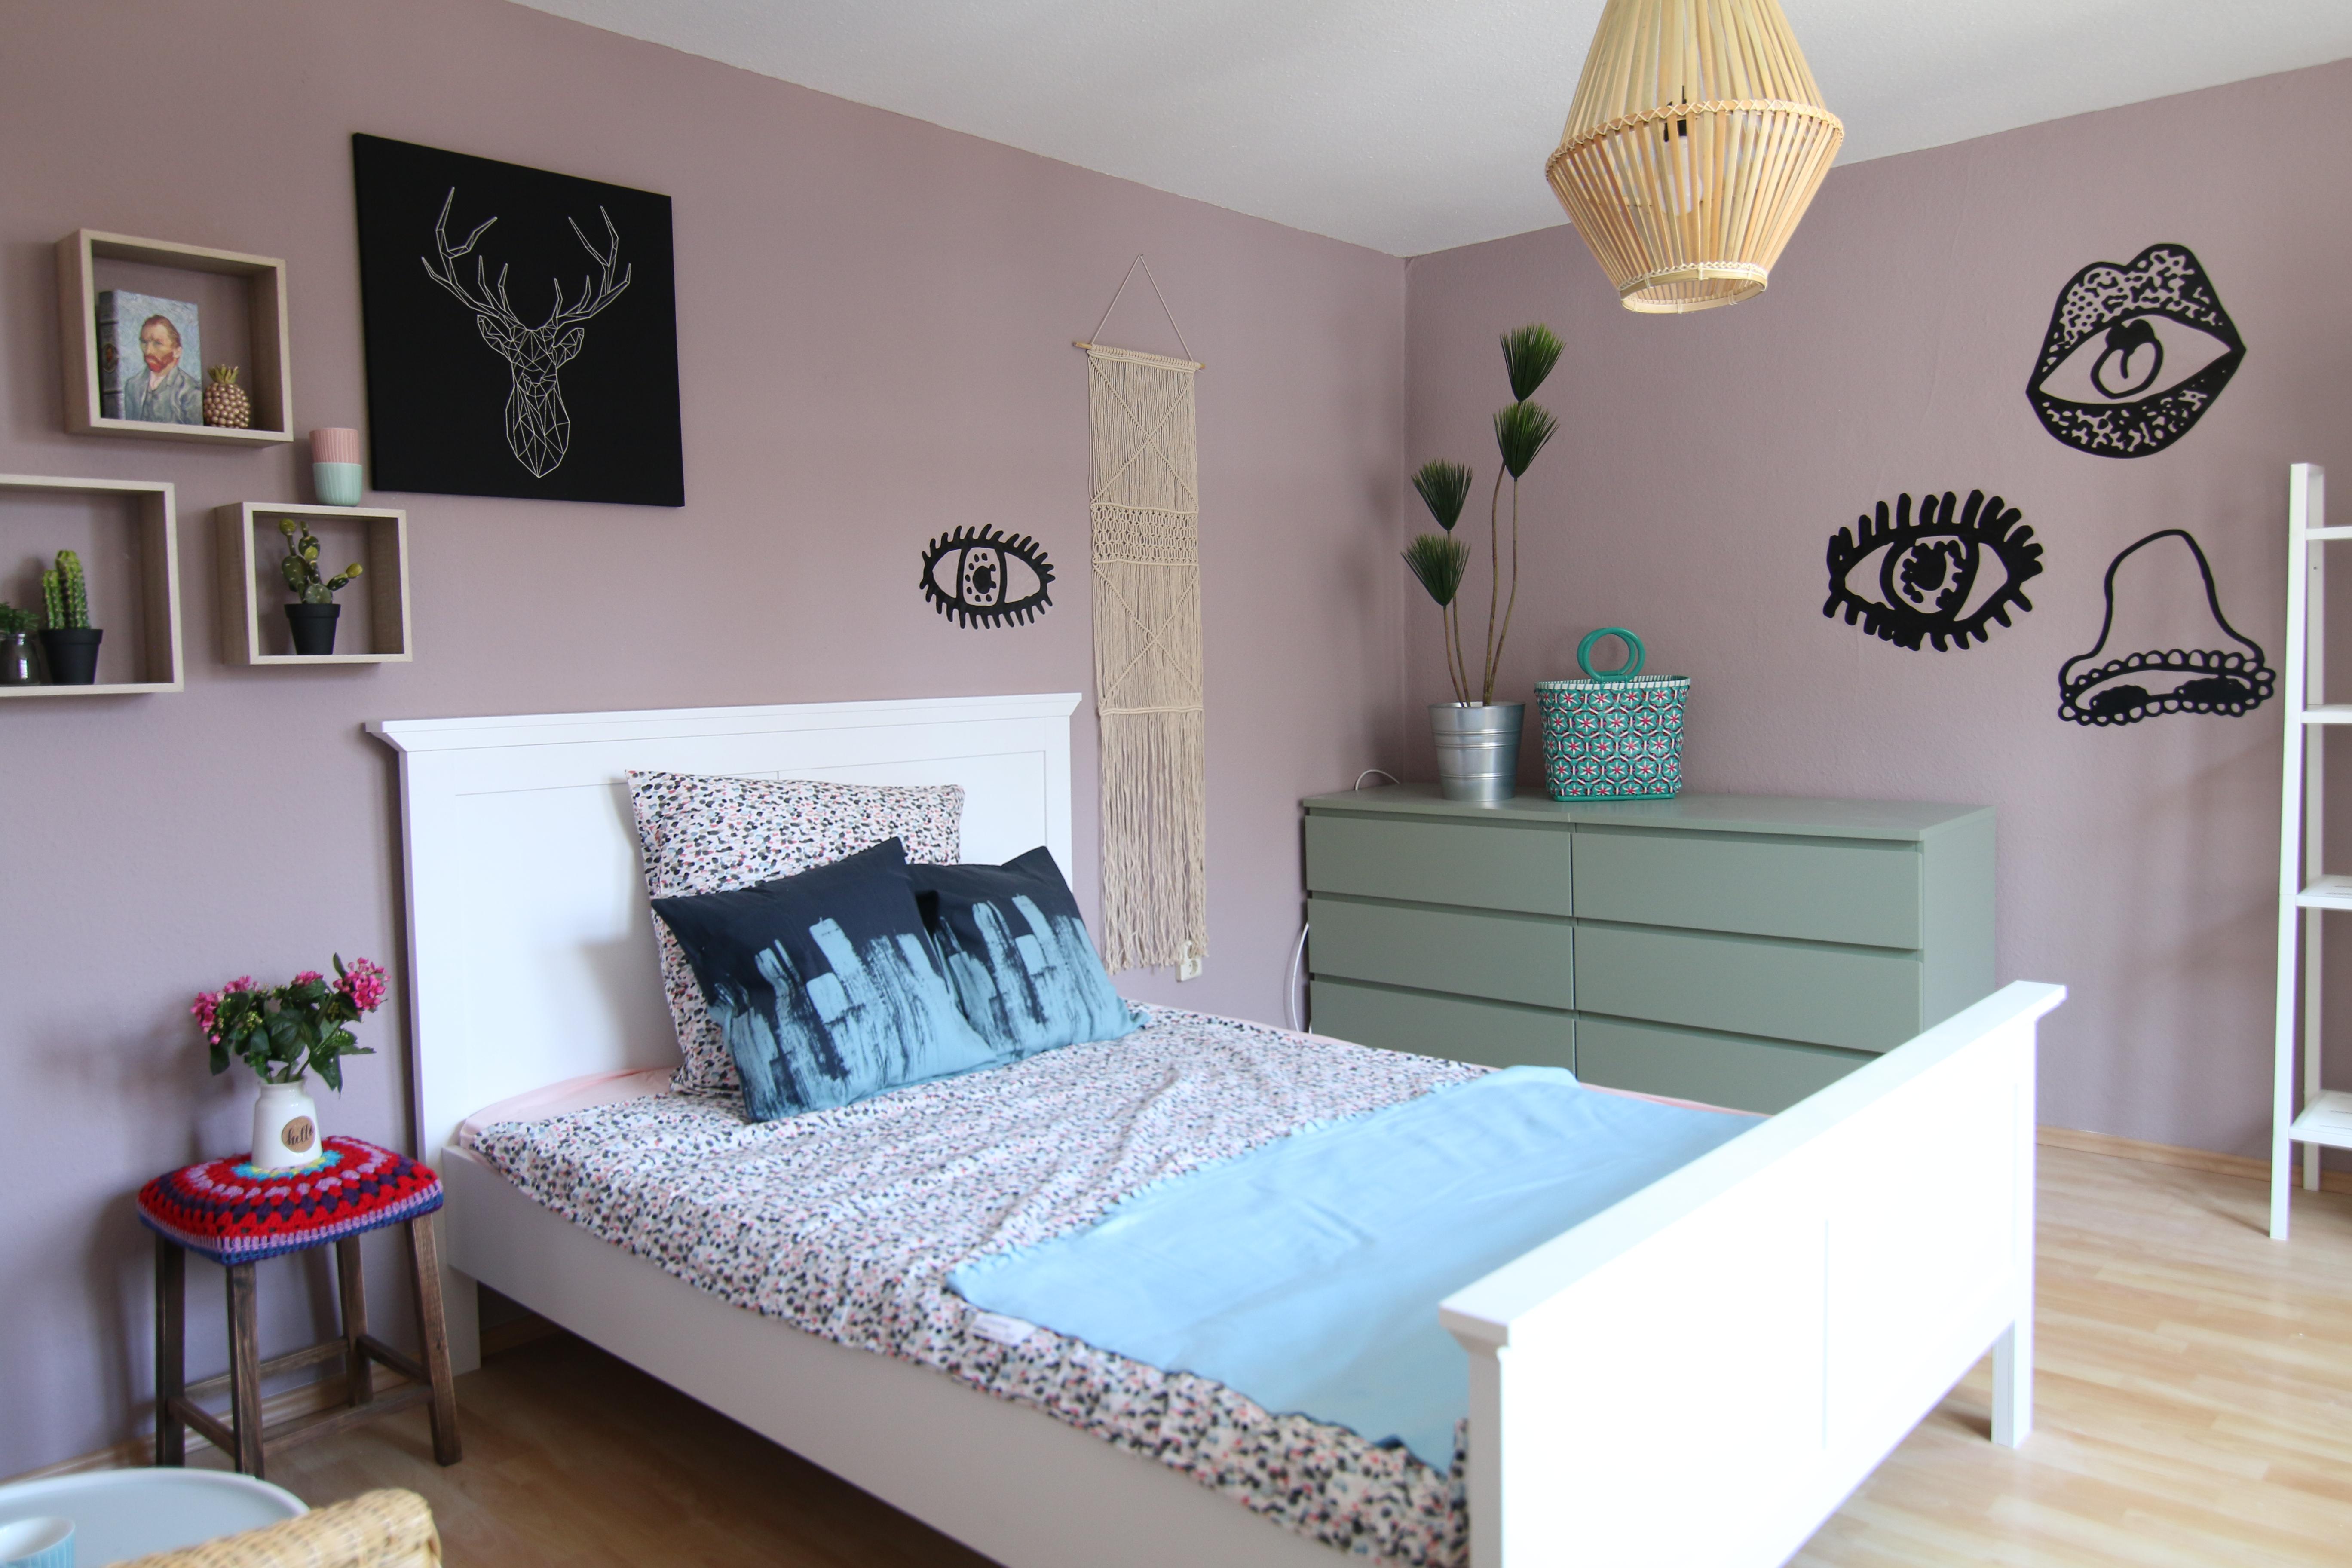 Wohnideen Wg Zimmer. Wohnzimmer Grau Weis Rosa M Bel Von G Nstig ...